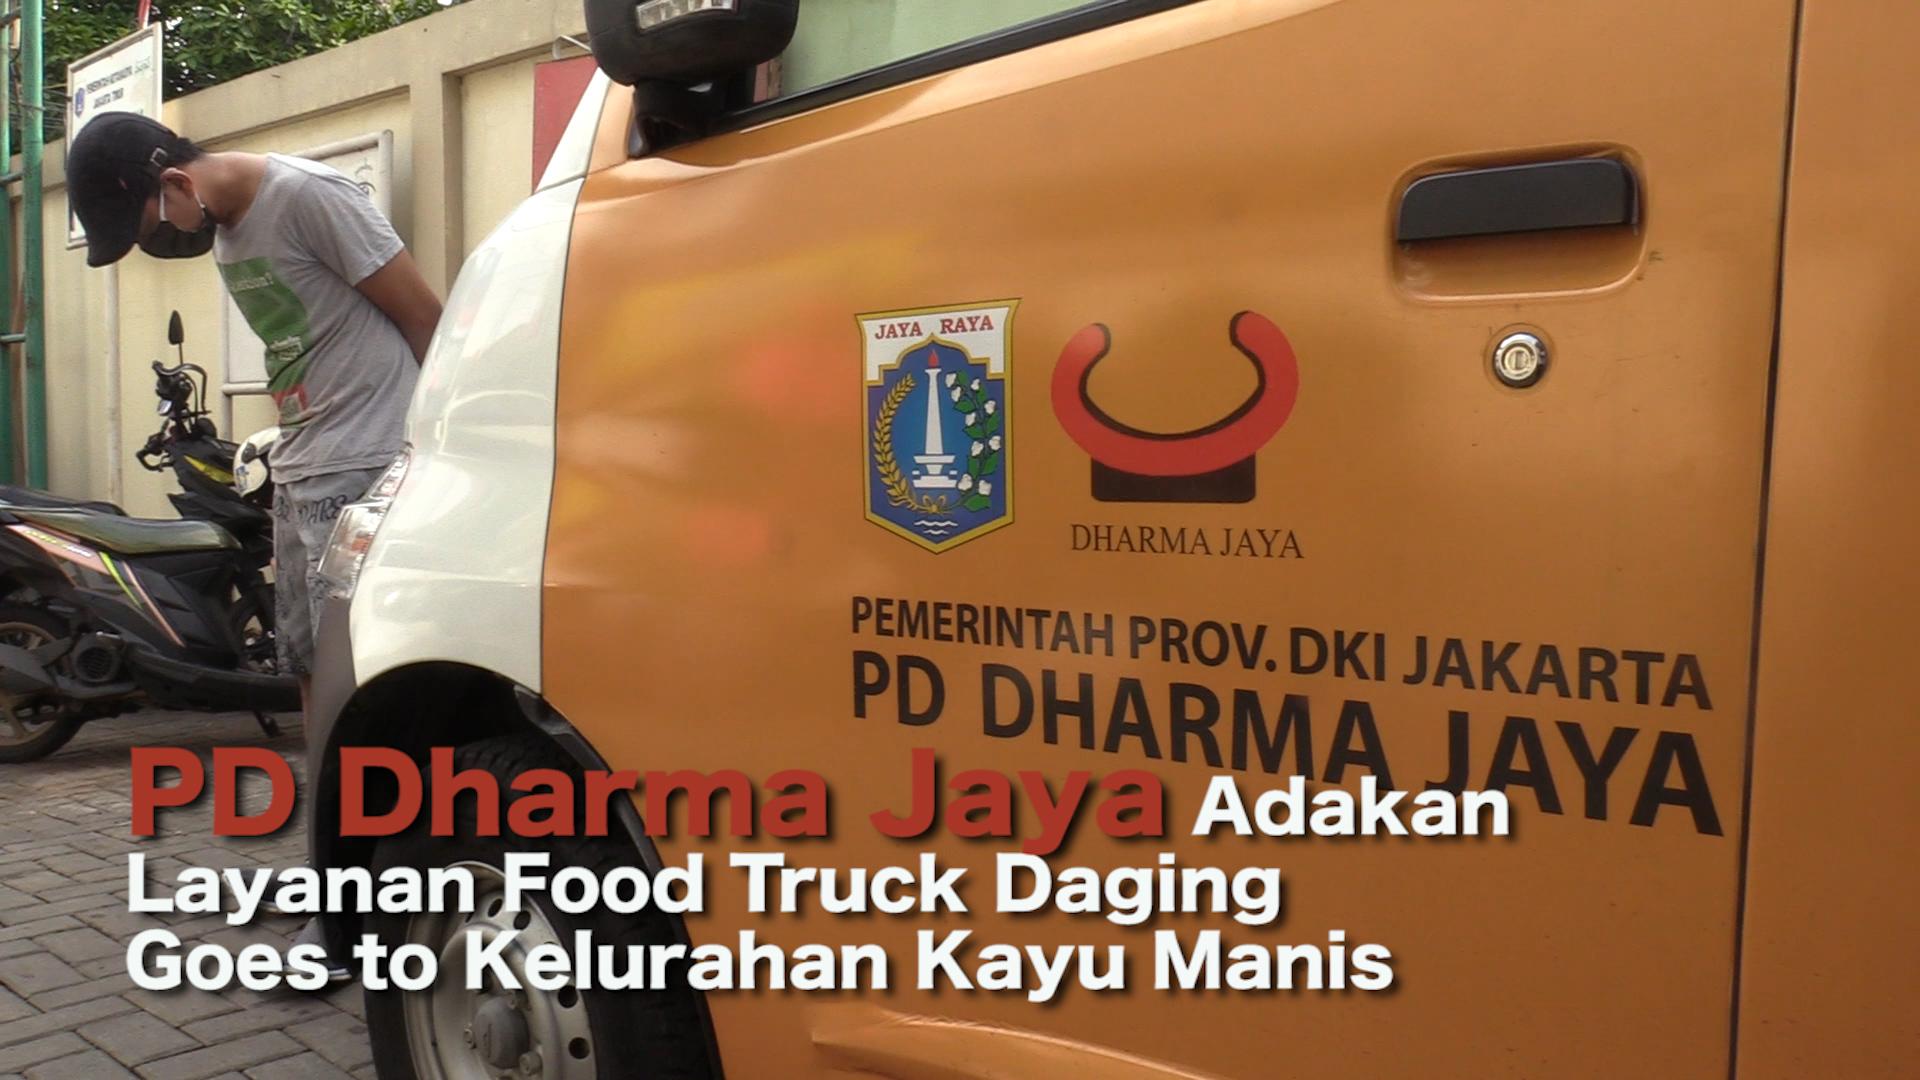 PD Dharma Jaya Adakan Layanan Food Truck Daging Goes to Kelurahan Kayu Manis